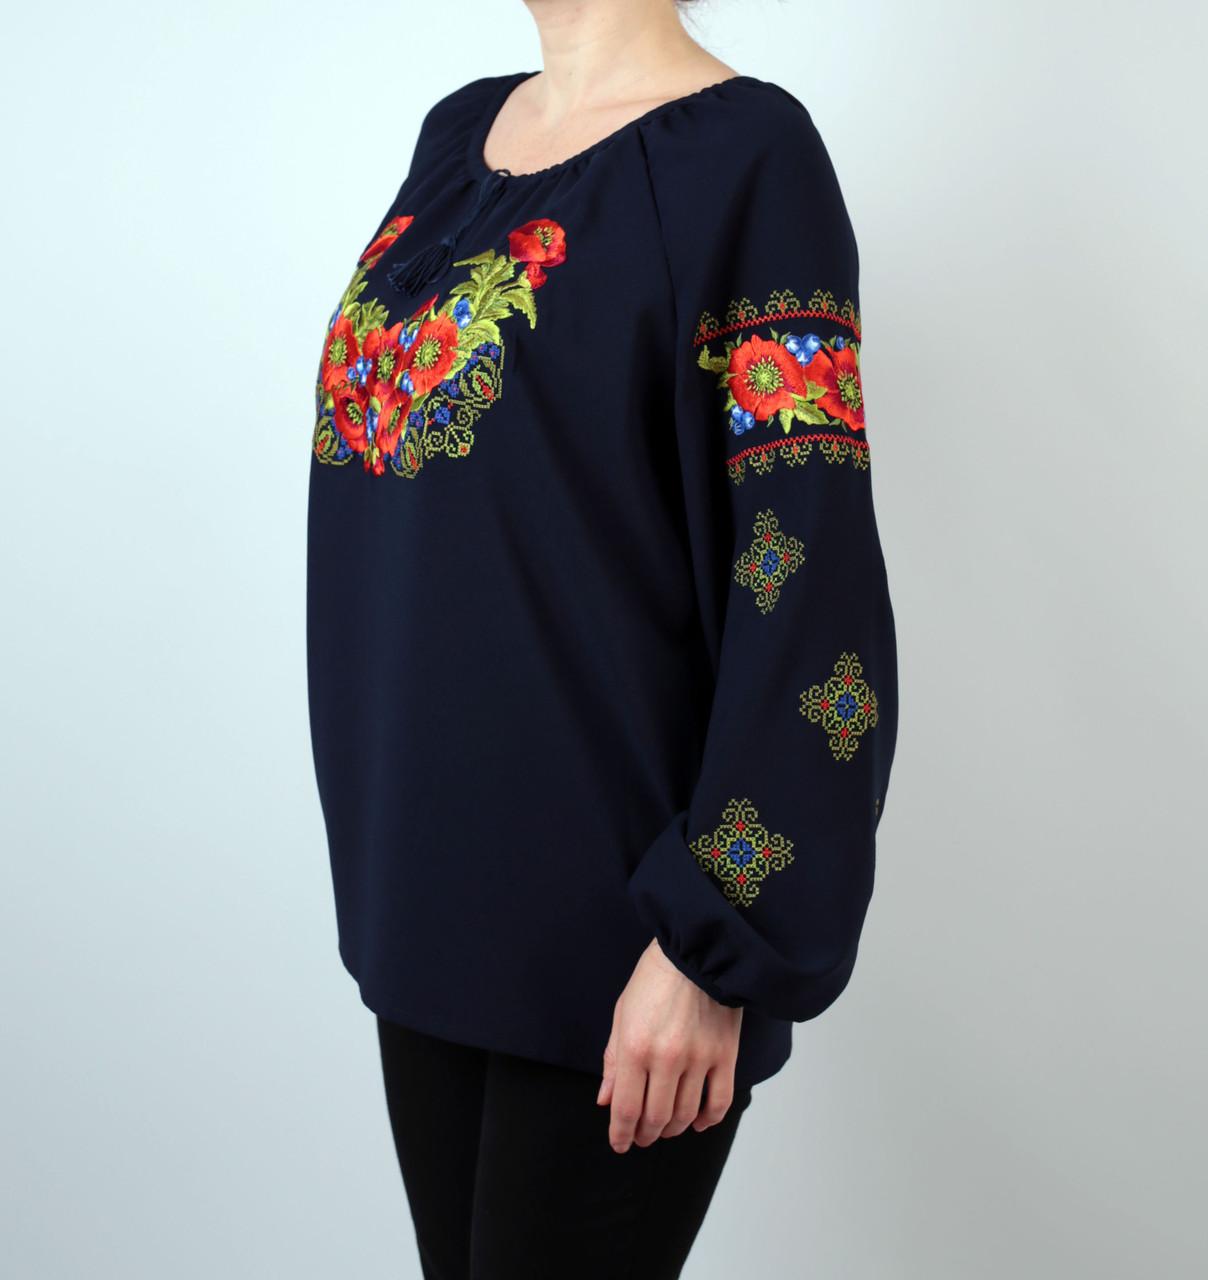 9ed27d42f3e Жіноча шифонова блузка темно-синього кольору з етнічним орнаментом  недорого